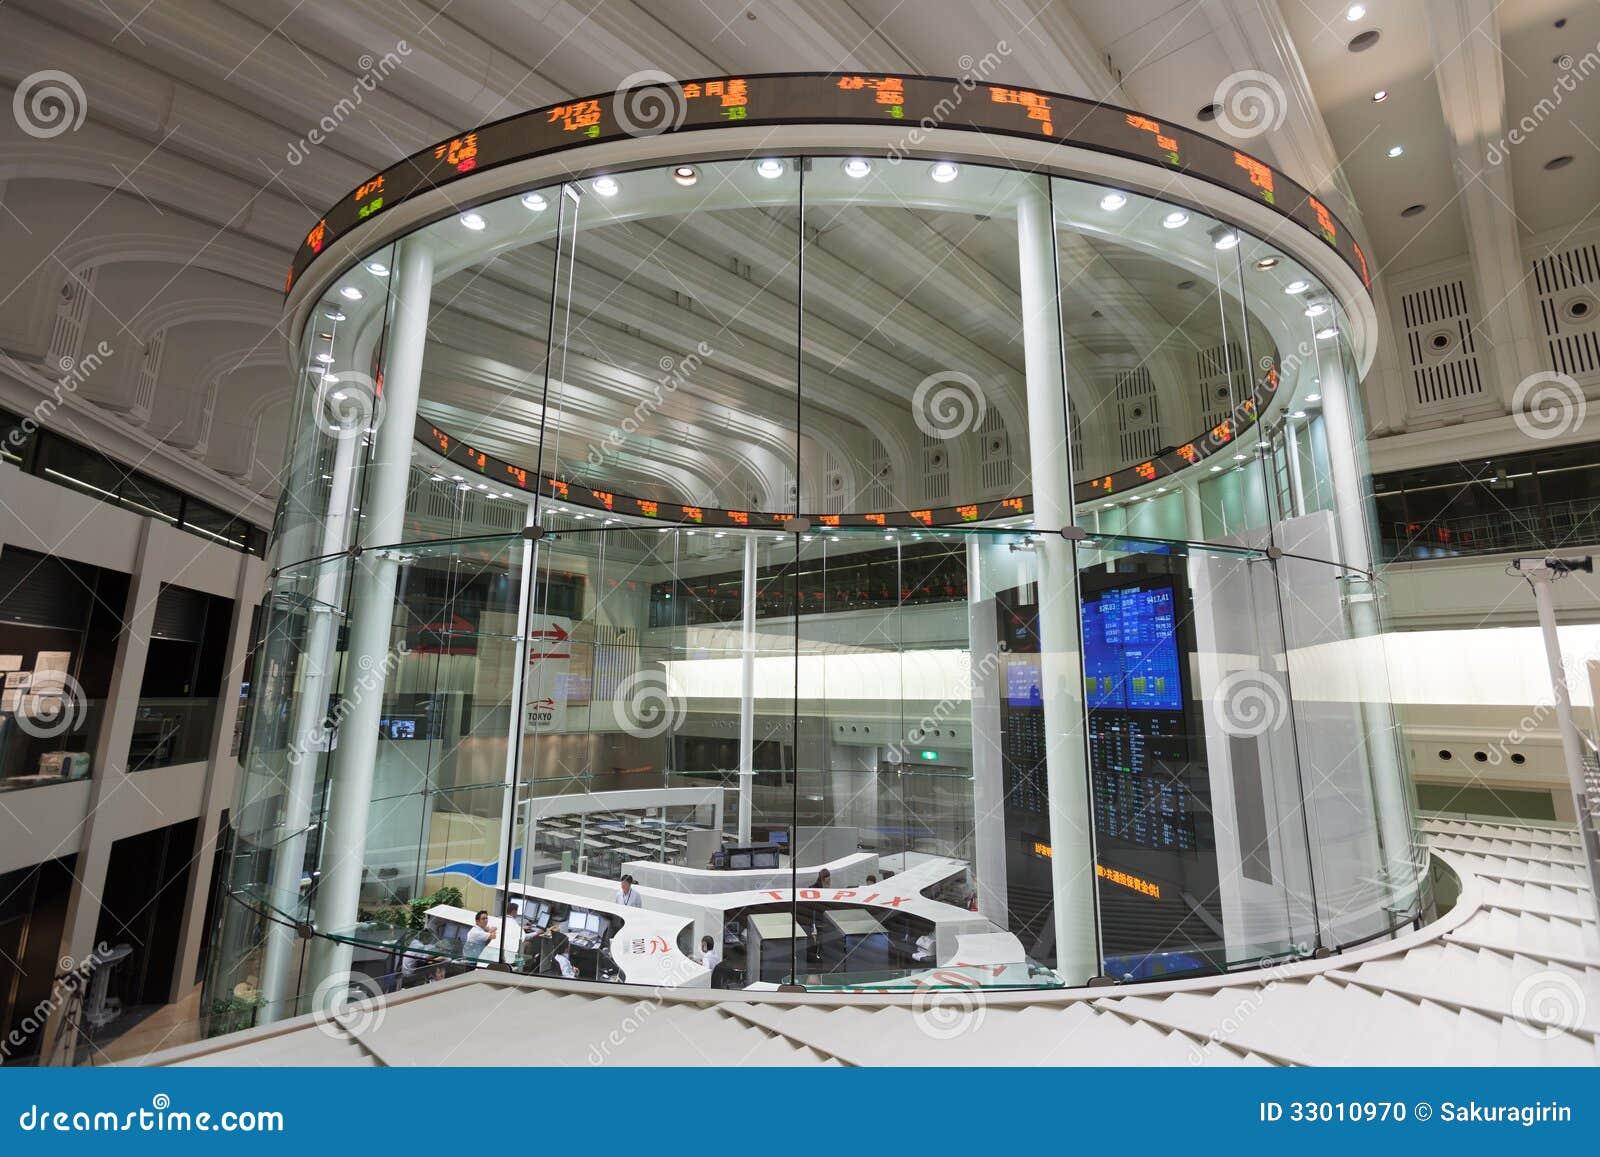 Tokyo stock exchange in tokyo japan editorial image for Floor operator